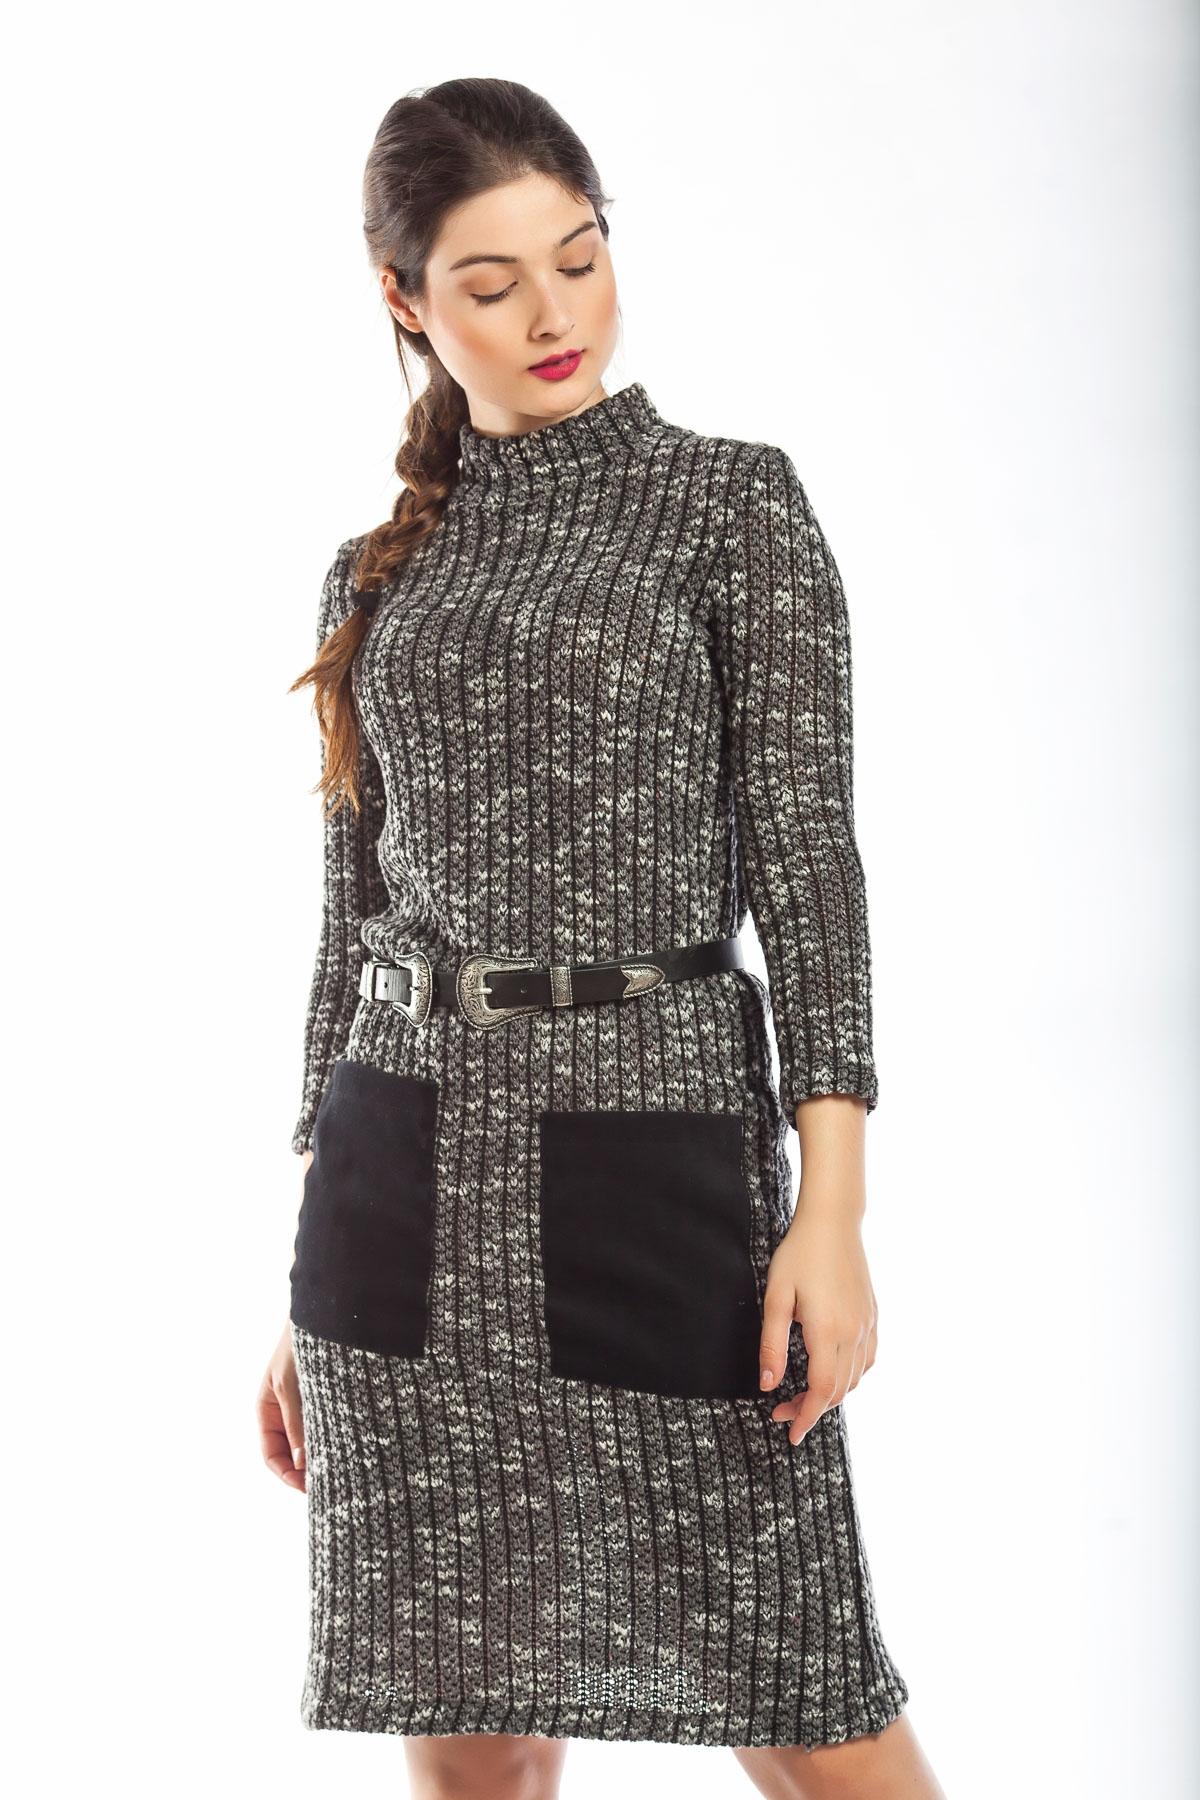 Φόρεμα γκρι pencil με τσέπες 8afd6e6cd8e